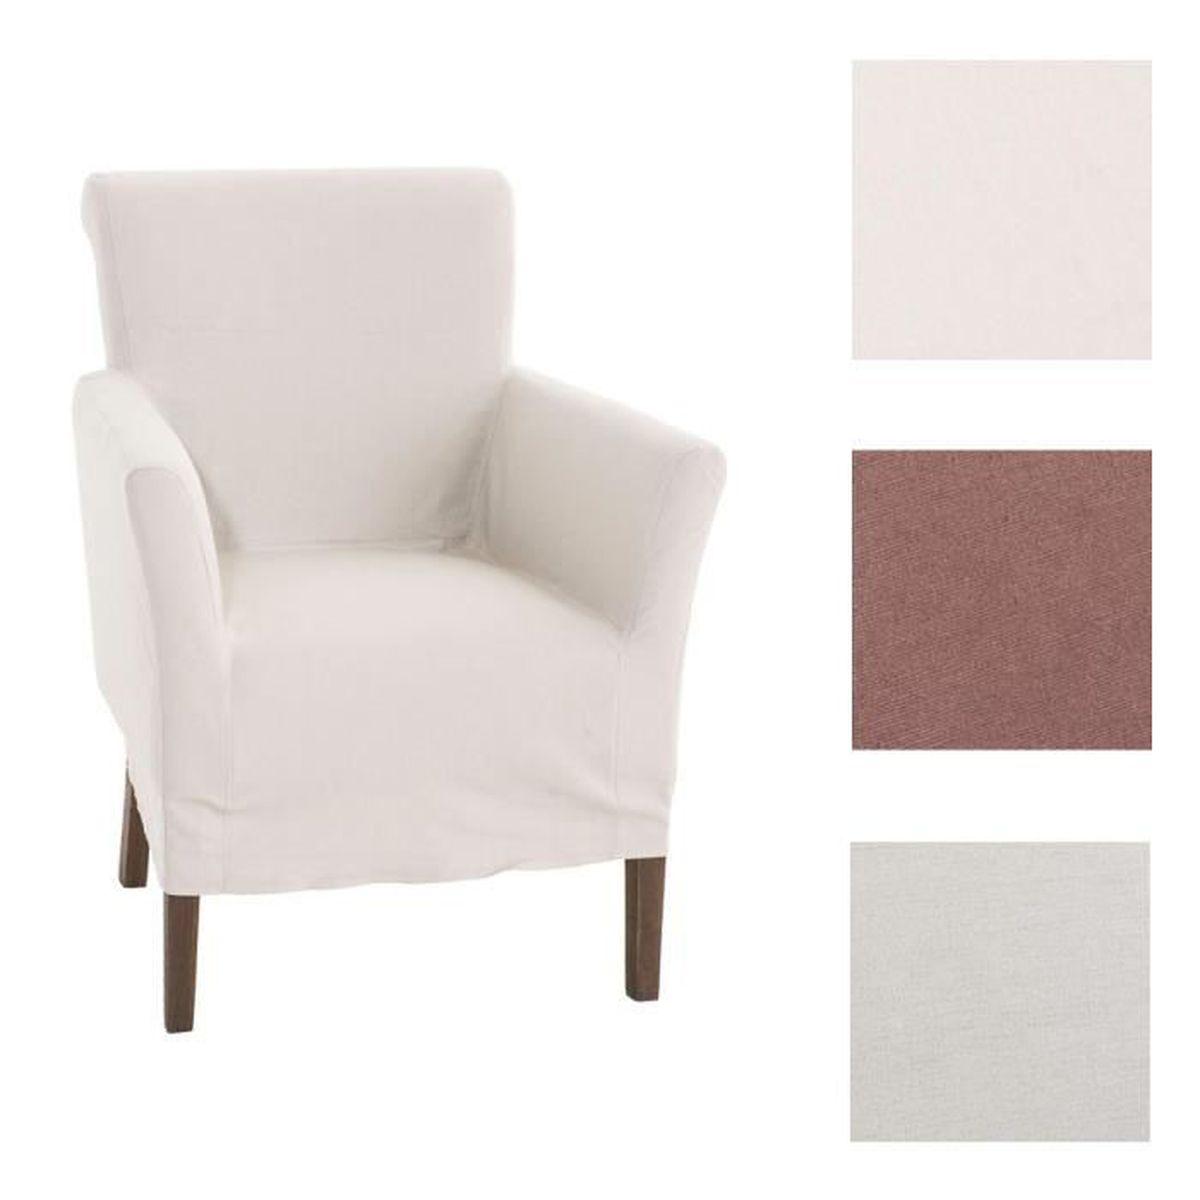 clp fauteuil rembourr vivian avec housse amovible hauteur de l 39 assise 48 cm couleurs au choix. Black Bedroom Furniture Sets. Home Design Ideas